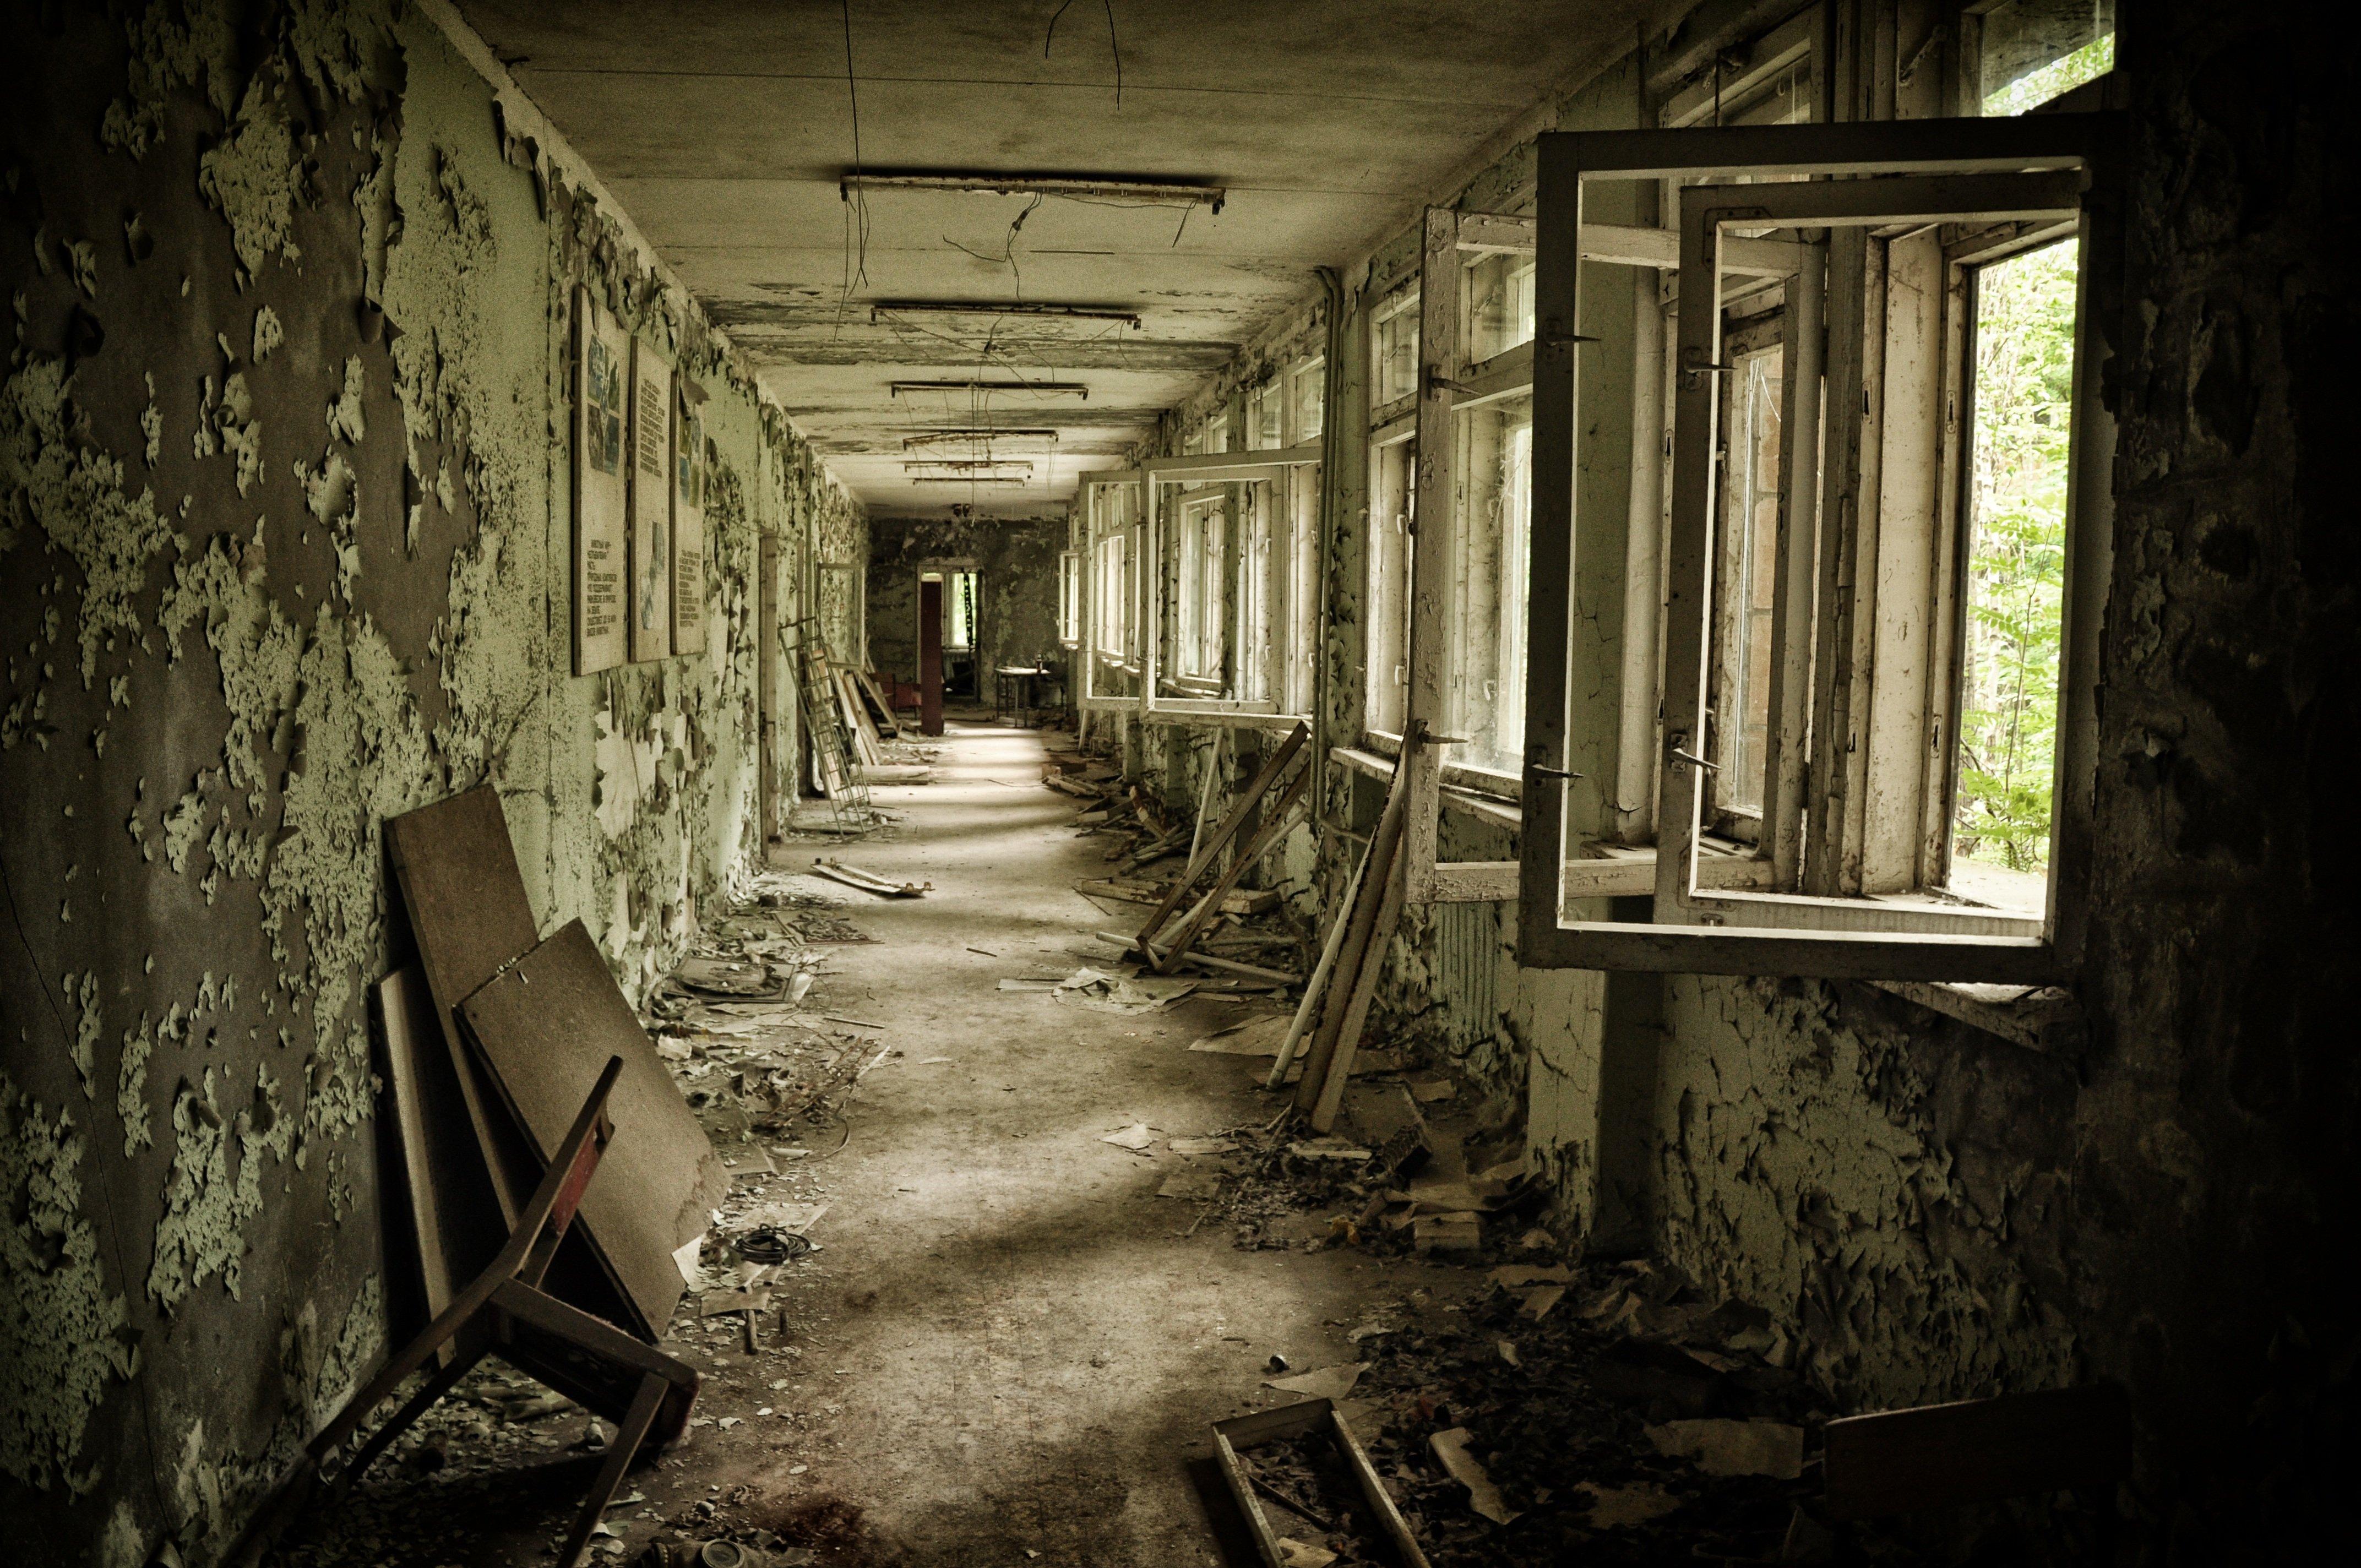 Чернобыль 4k обои, Украина, Припять, заброшенный дом